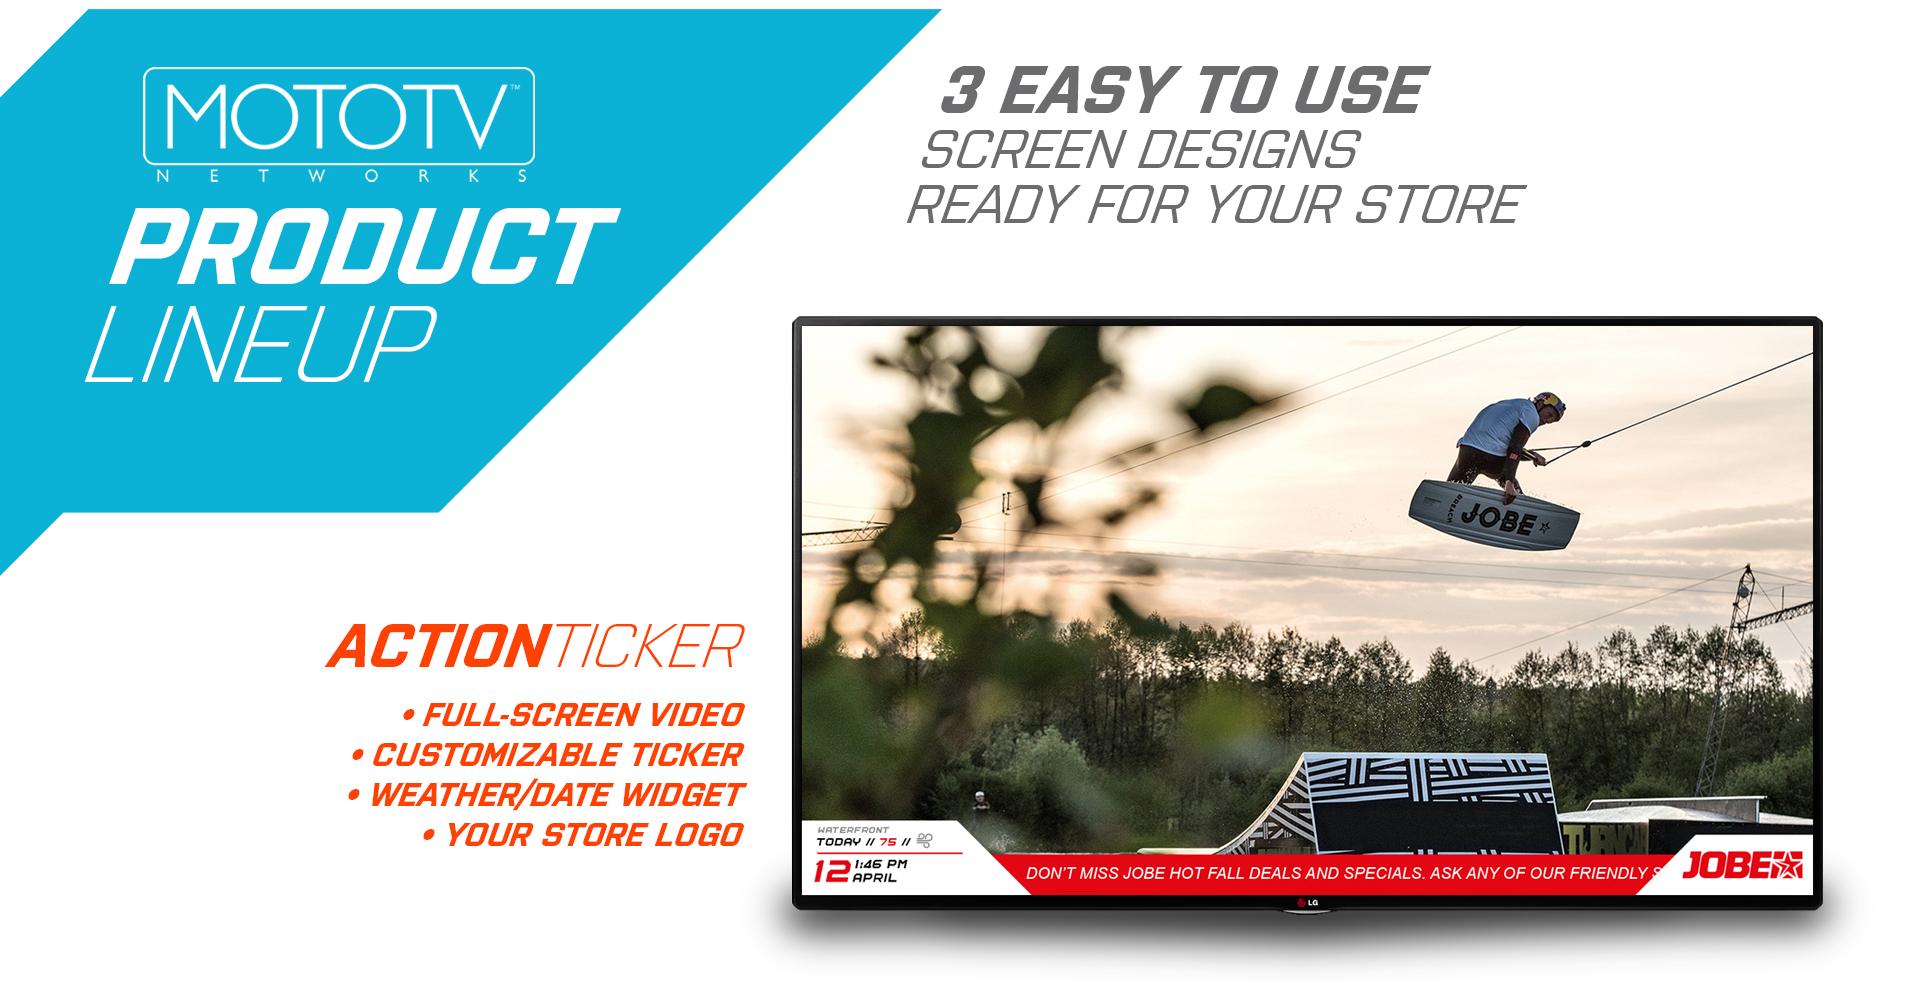 MOTOTV_site_design_ACTIONTICKER.jpg